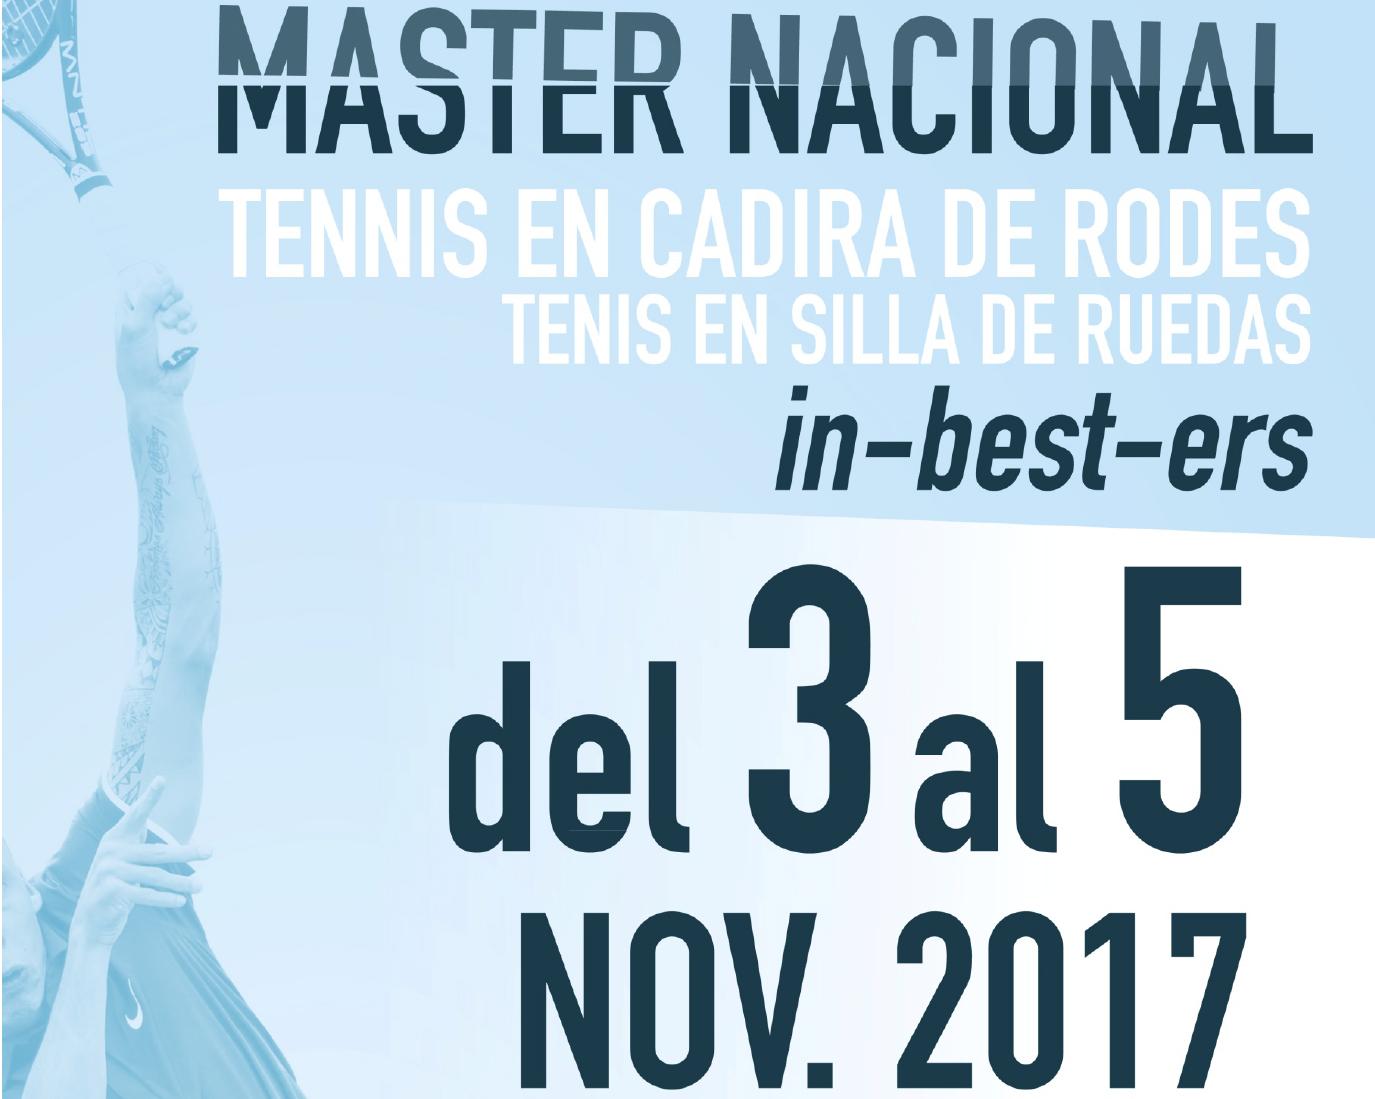 Màster Nacional De Tennis En Cadira De Rodes